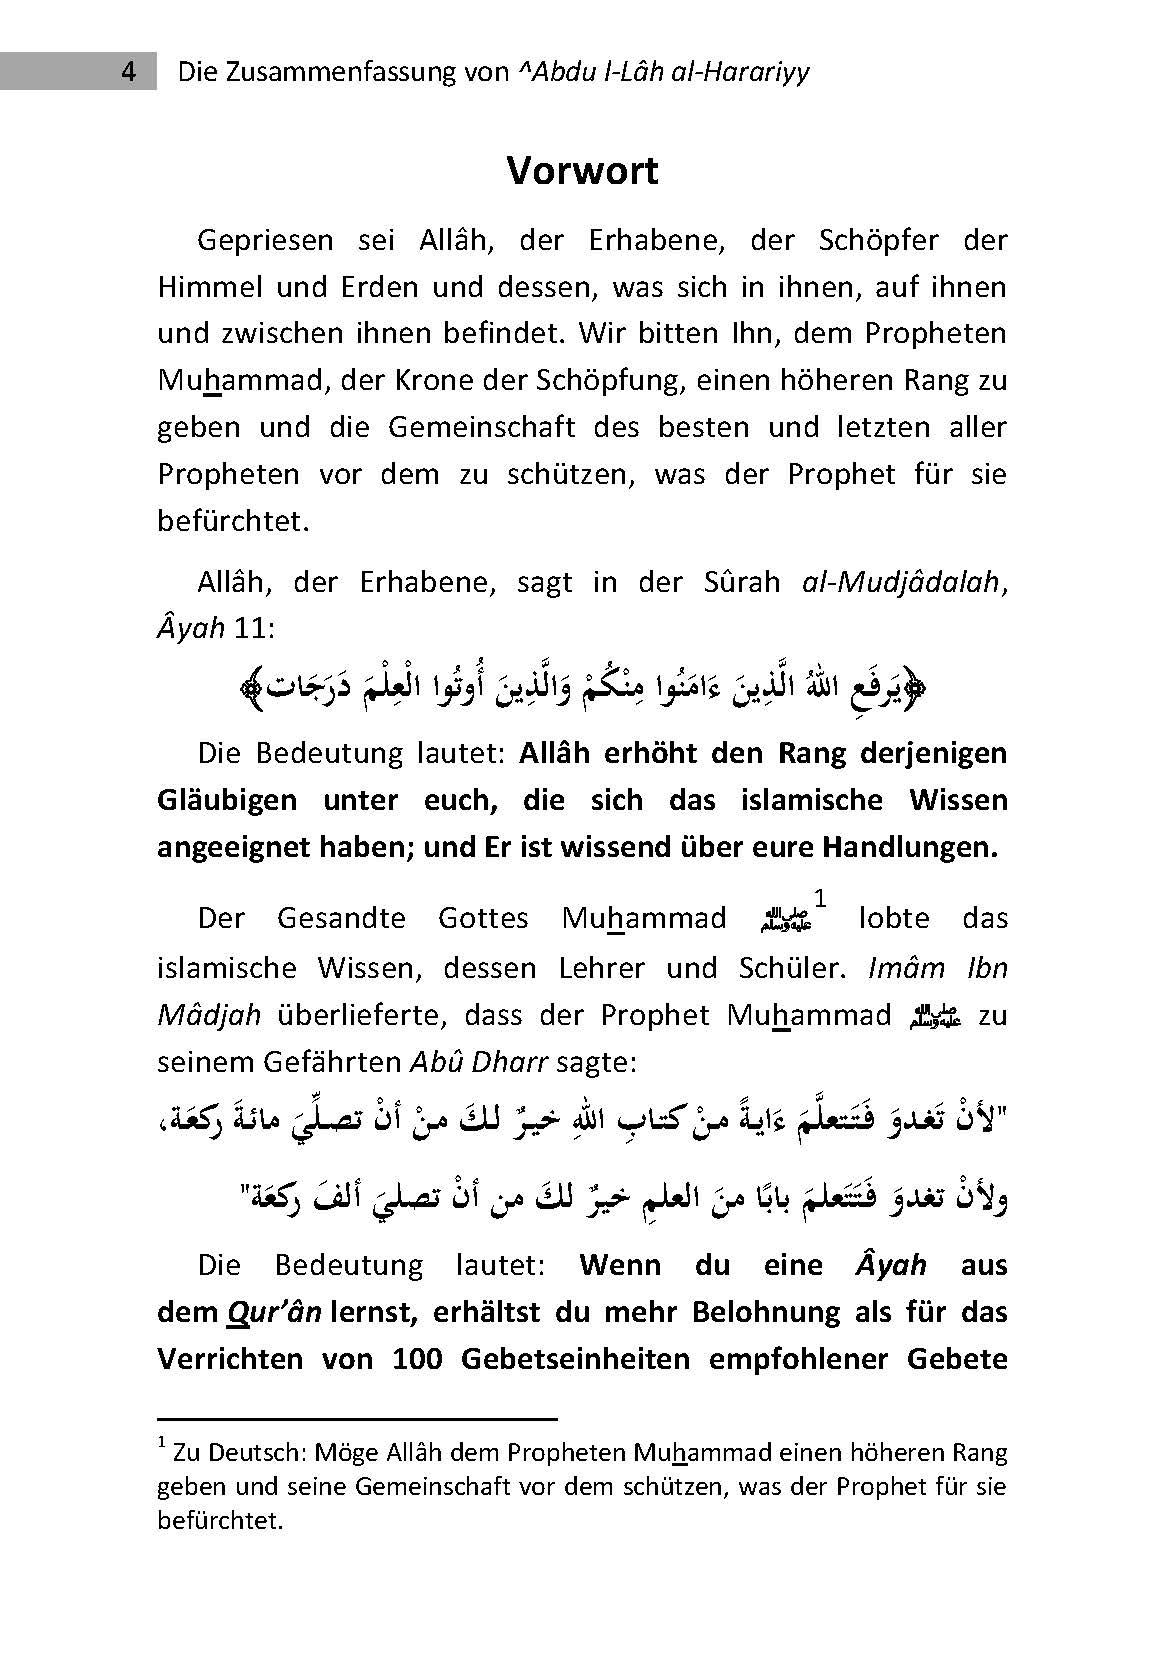 Die Zusammenfassung - 3. Auflage 2014_Seite_04